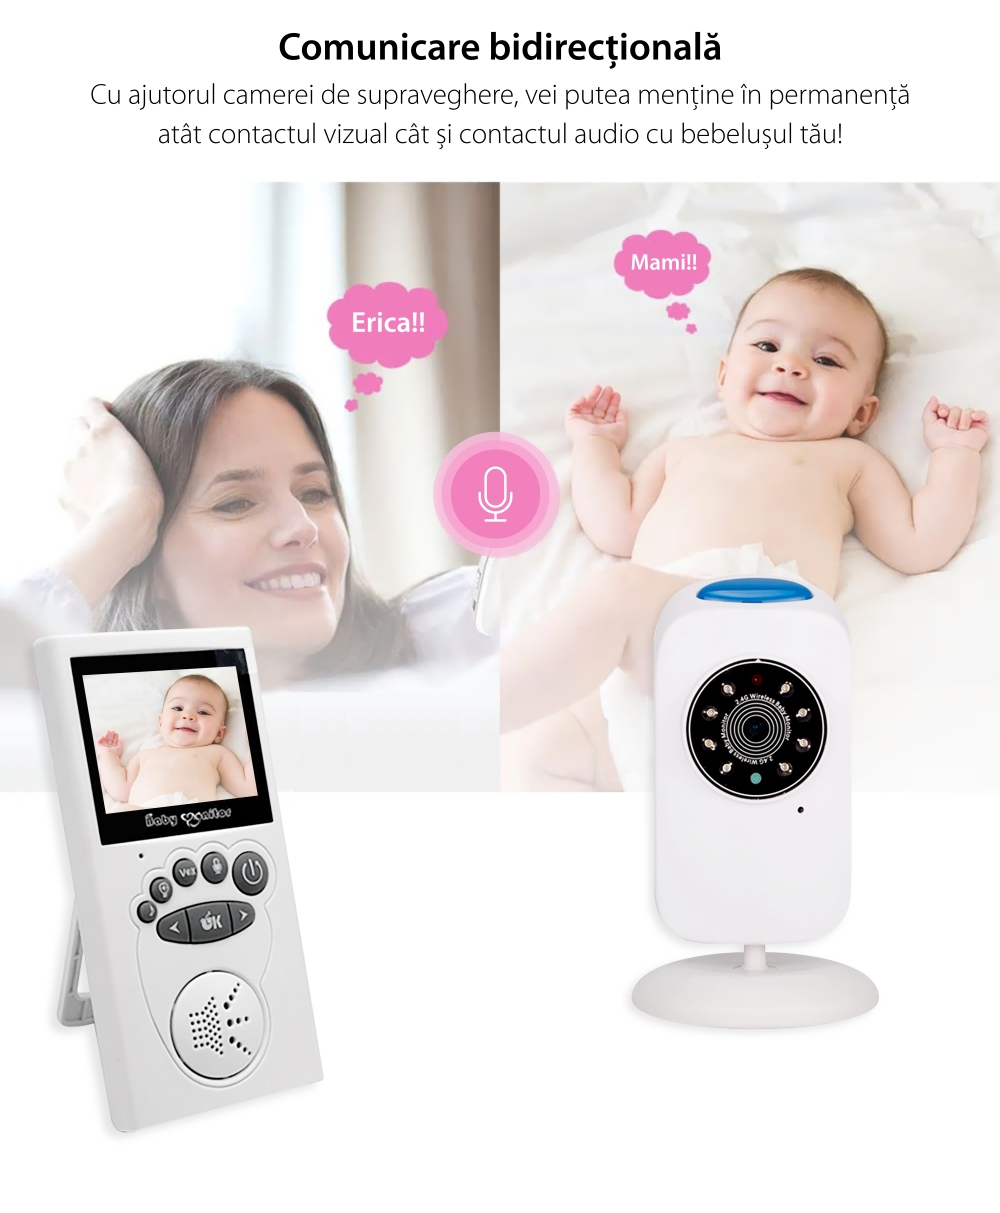 Baby Monitor Wireless BS-W235, Monitorizare Audio – Video, Monitorizare temperatura, Comunicare bidirectionala, Cantece de leagan, Night Vision, Mod ECO, Baterie incorporata